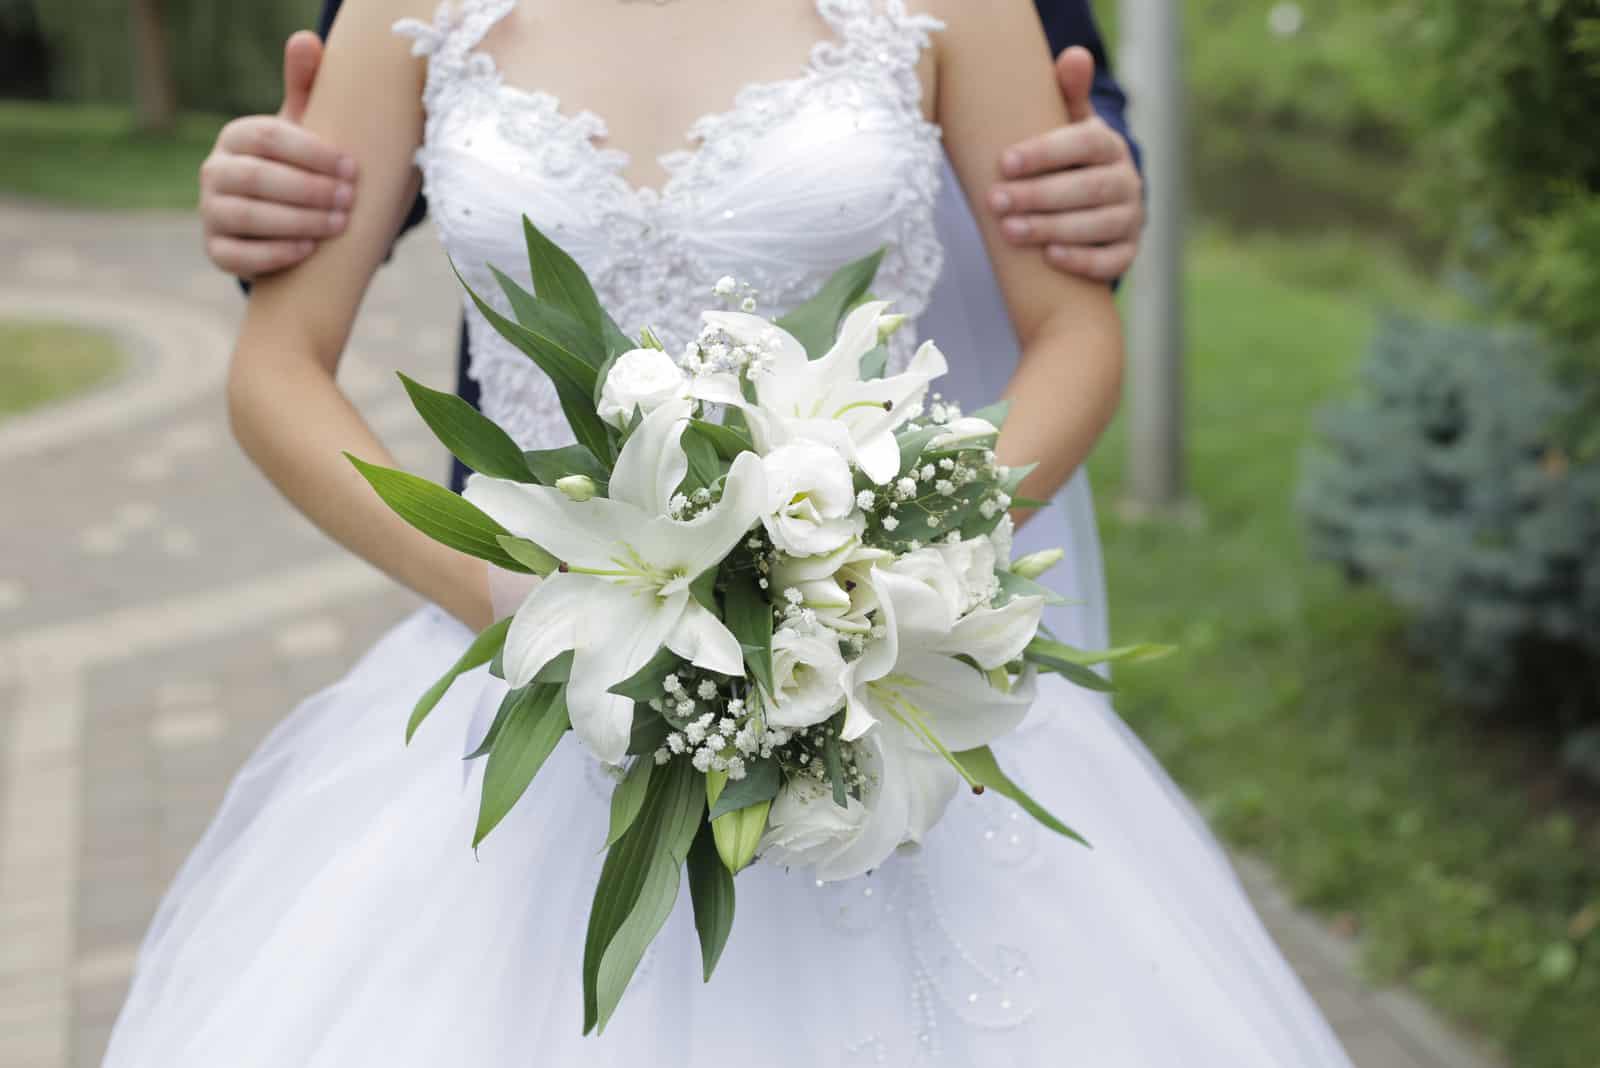 Braut und Bräutigam werden im Park mit einem Strauß weißer Lilien fotografiert